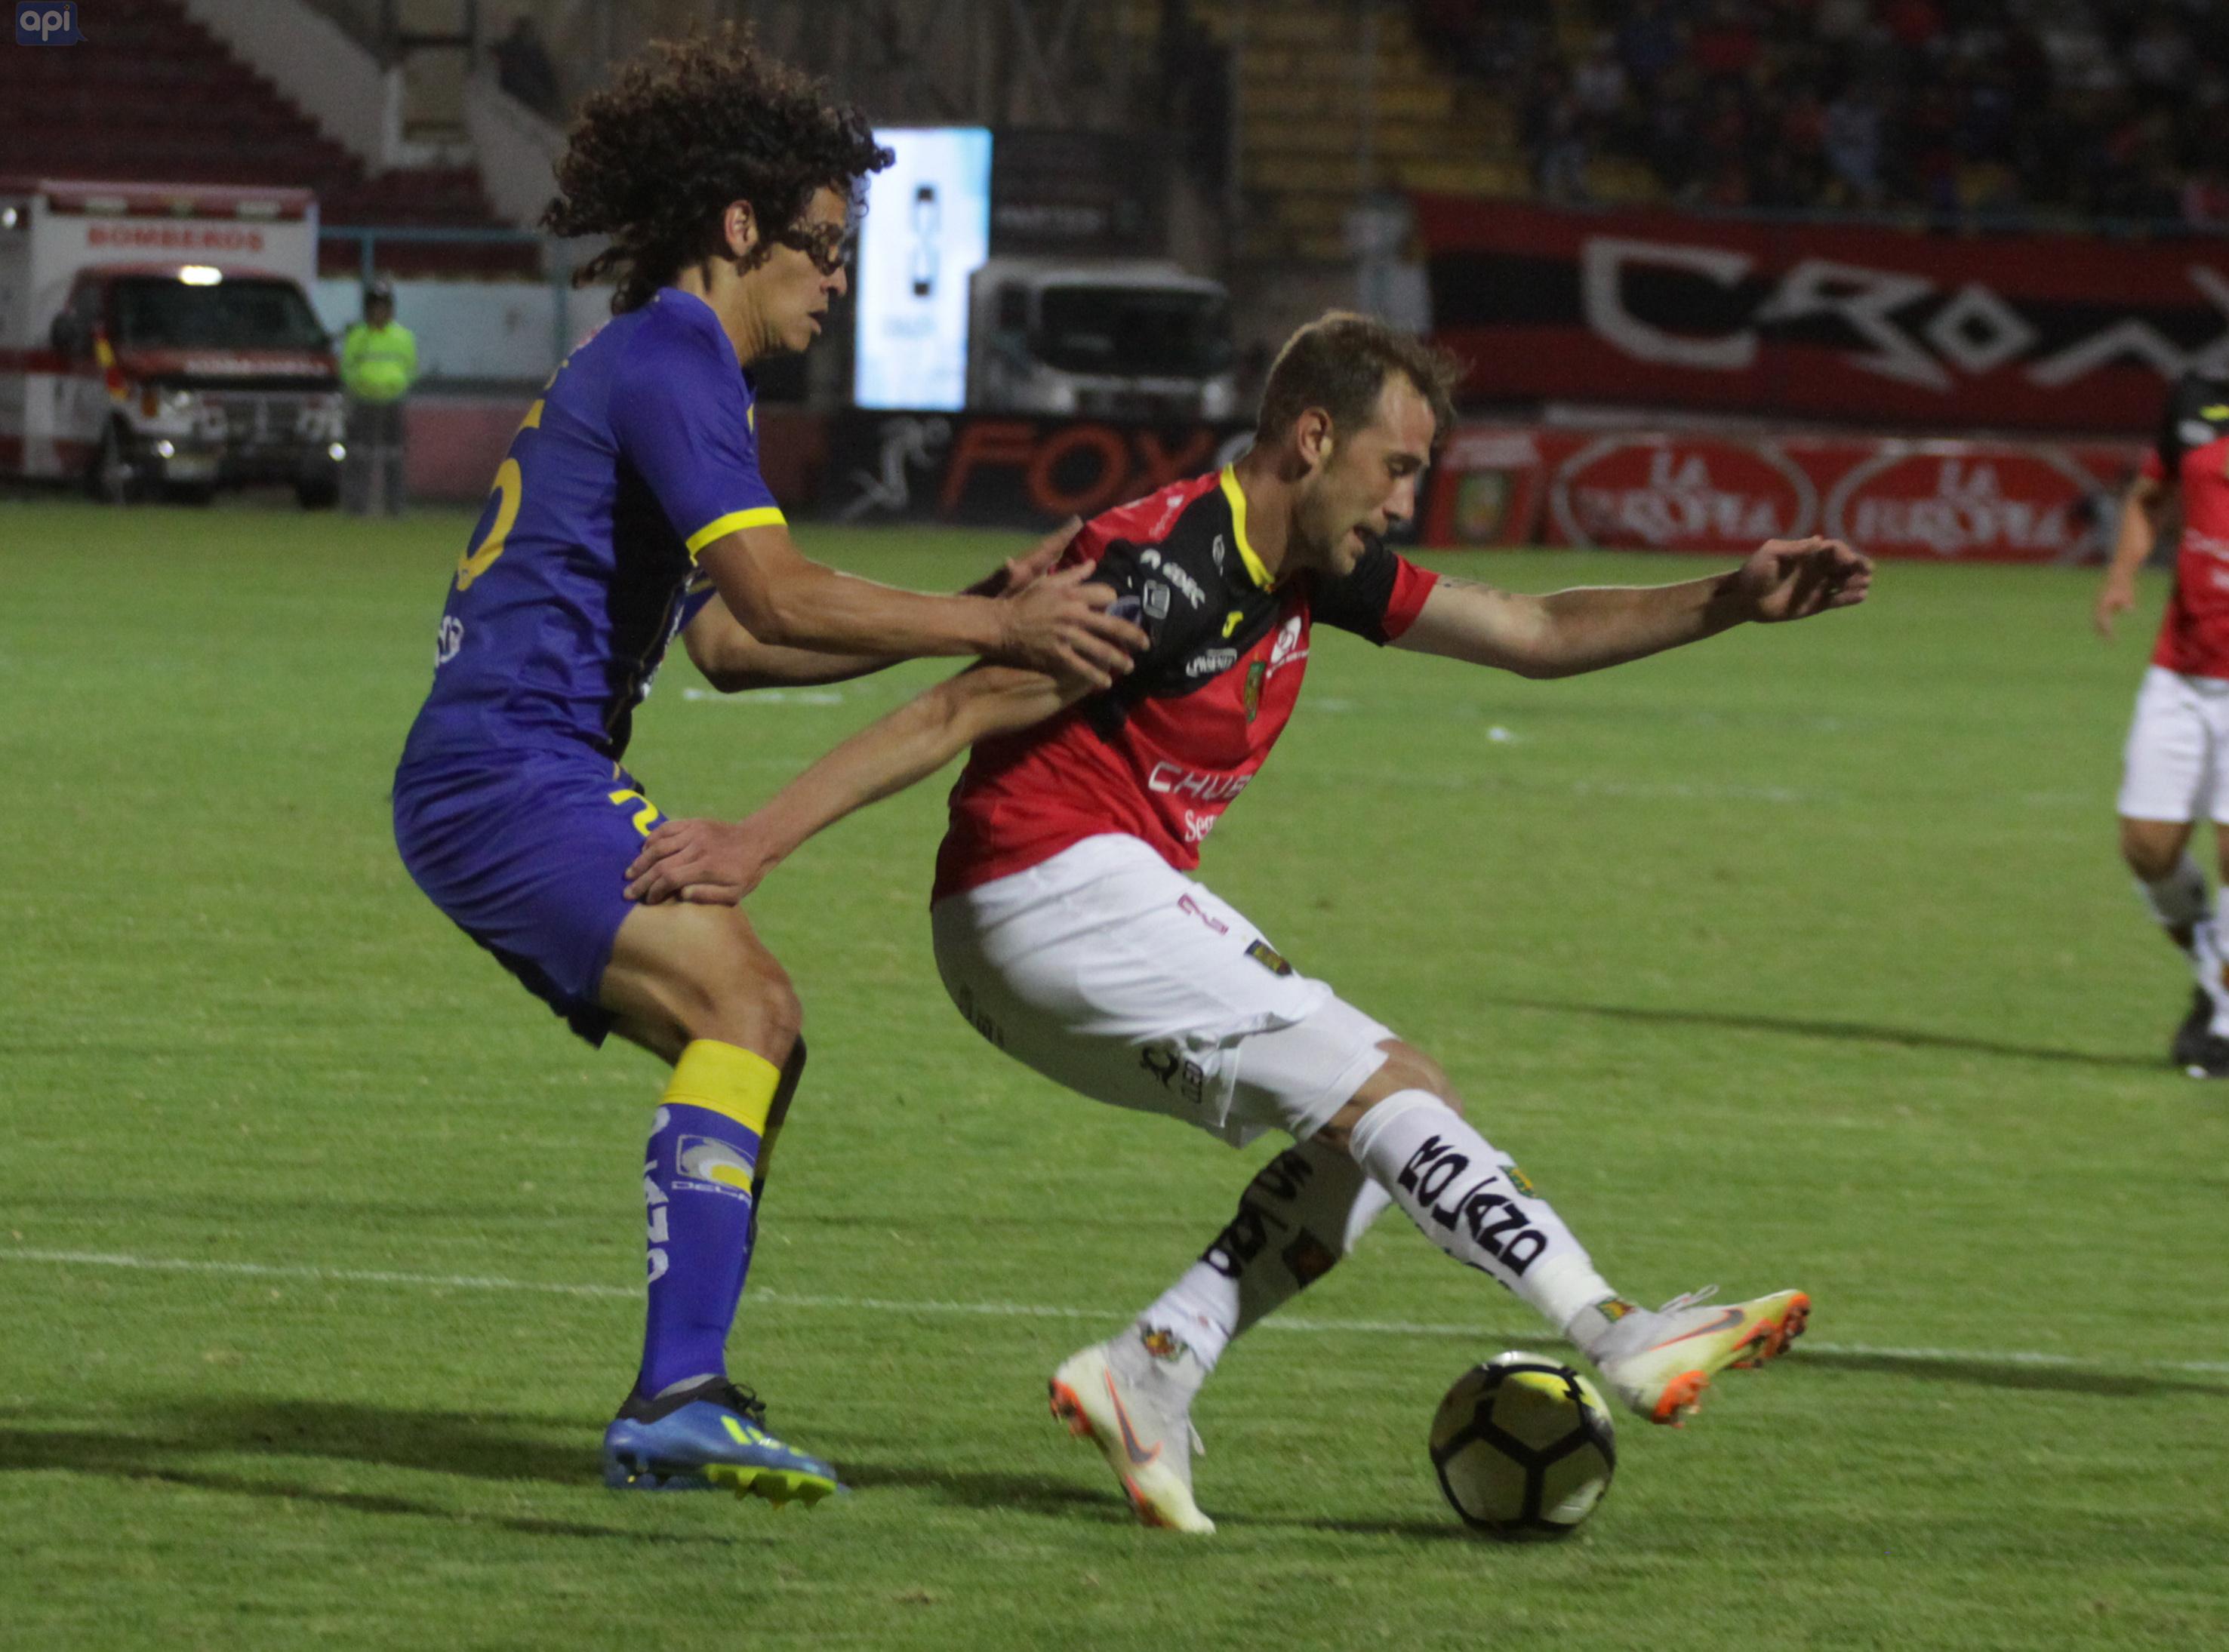 El zaguero, quien está en proceso de recuperación de su lesión, aseguró que todo está acordado de palabra para continuar en Deportivo Cuenca